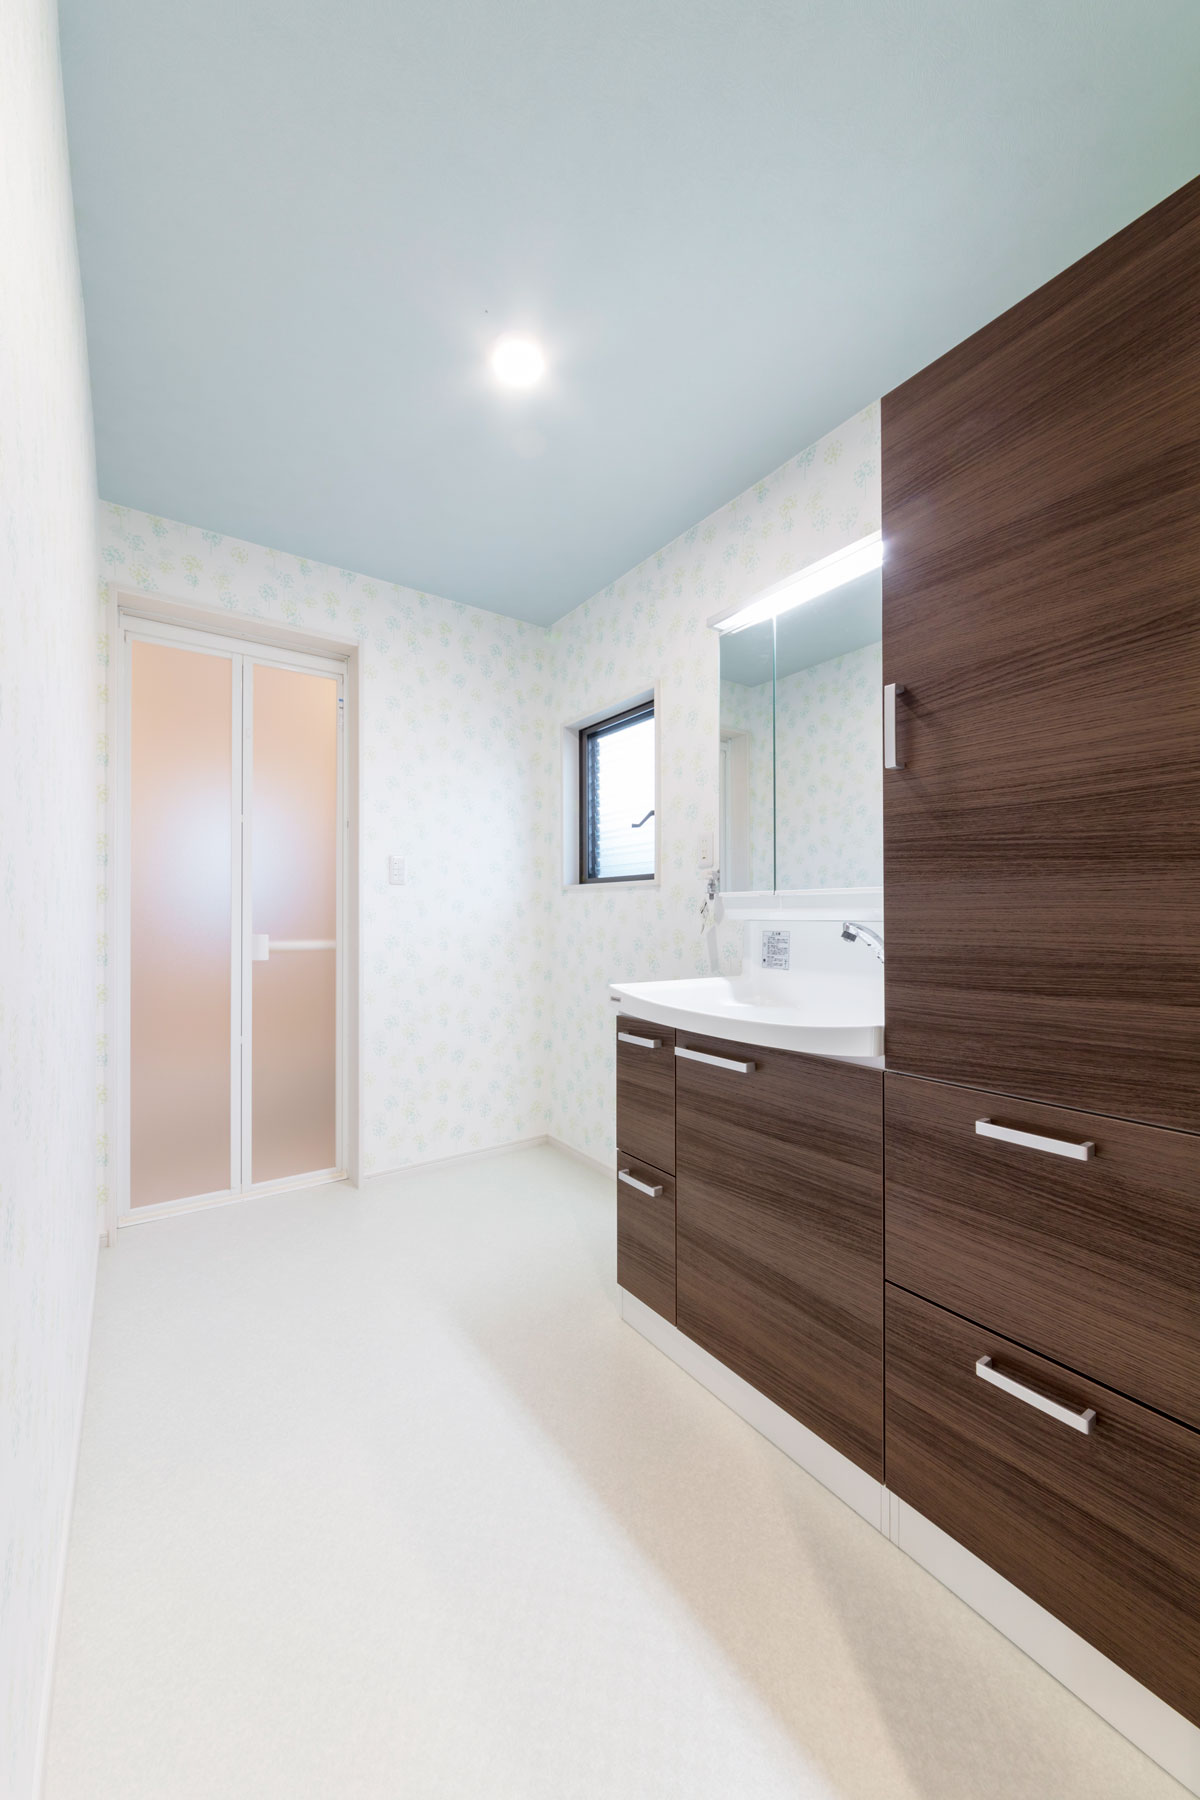 朝の支度がしやすく収納量も豊富な洗面室(廿日市市)